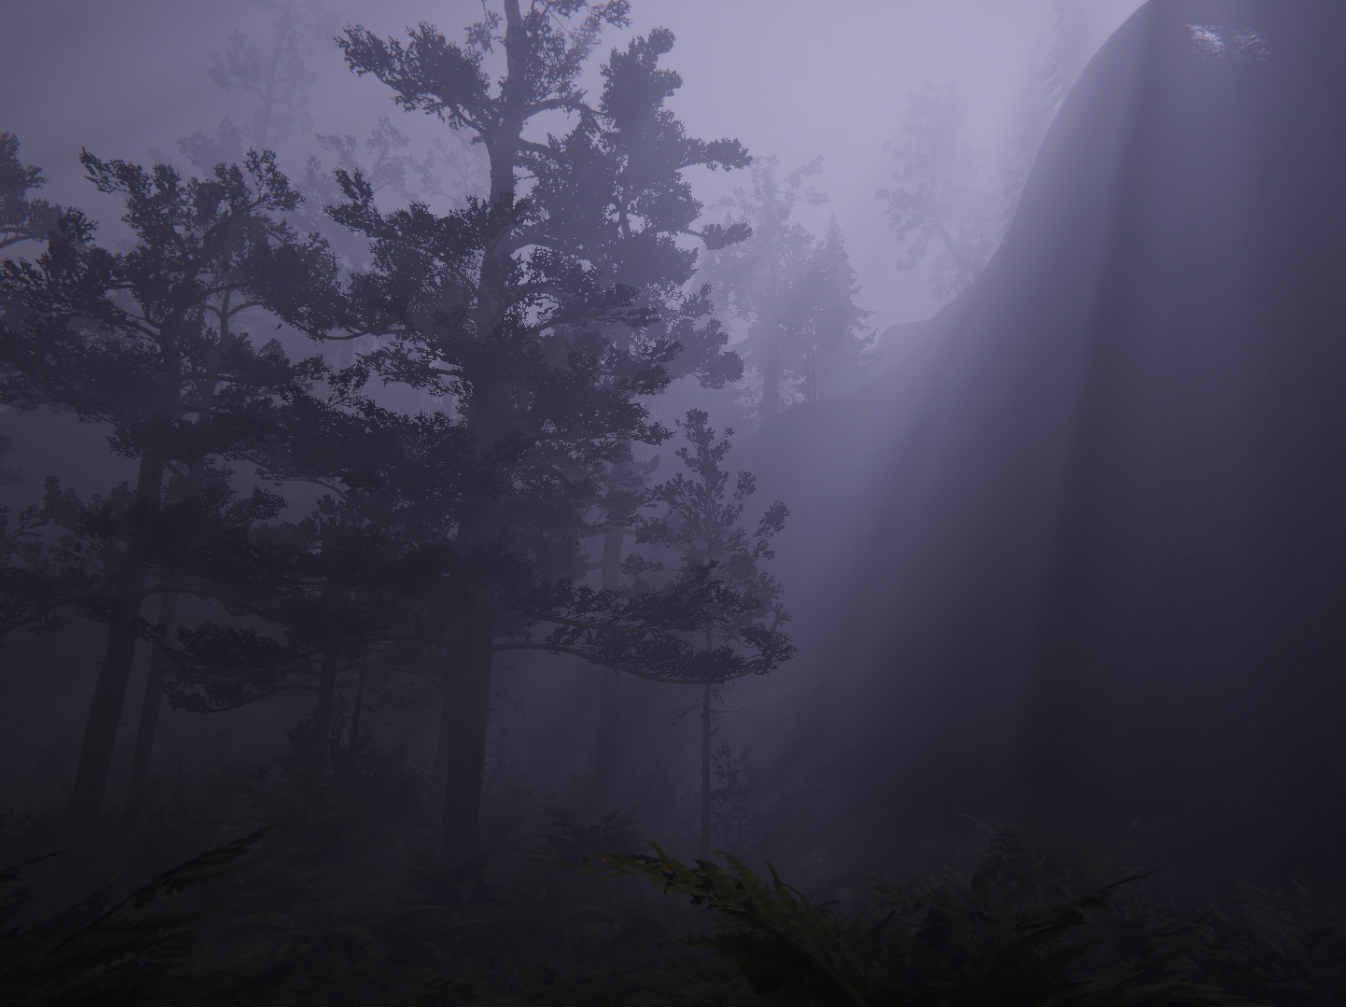 Lightning | Нужны 3d animator, 2d artist, 3d artist и Unity разработчики